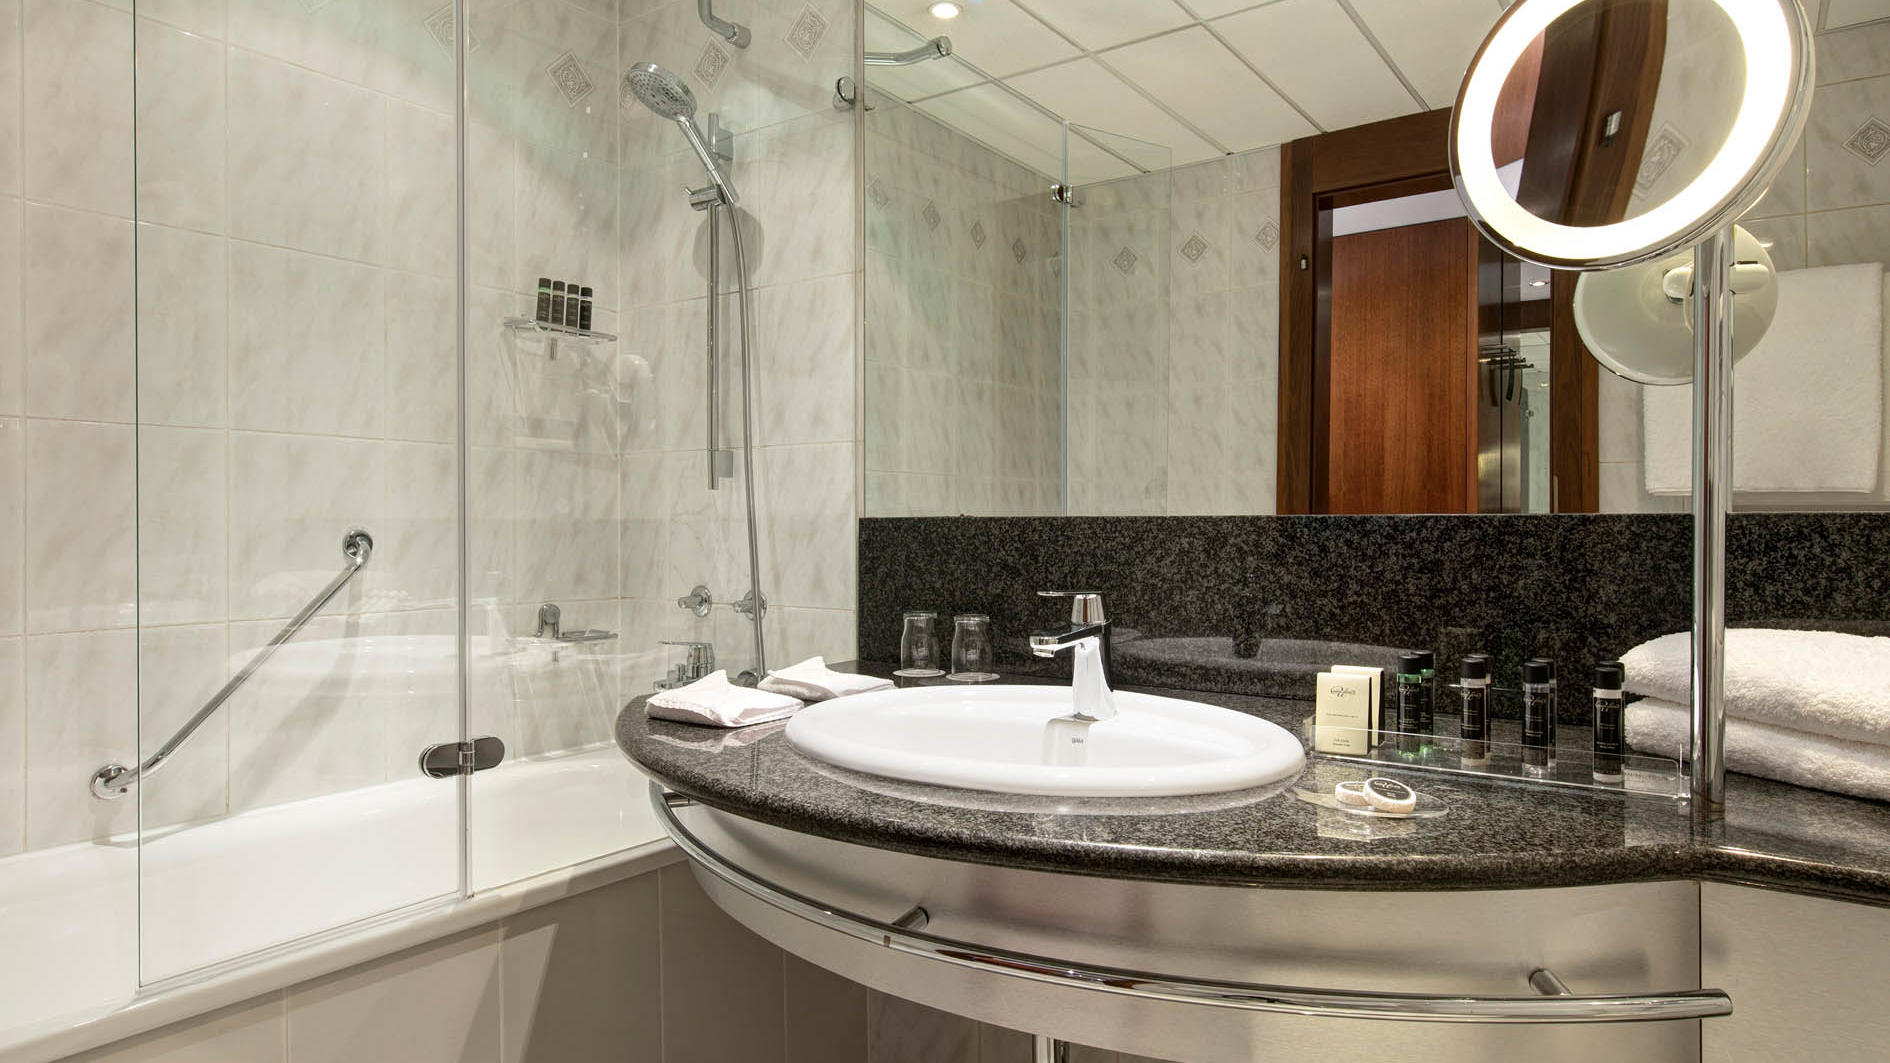 Studio Double Bathroom at uHotel in Ljubljana